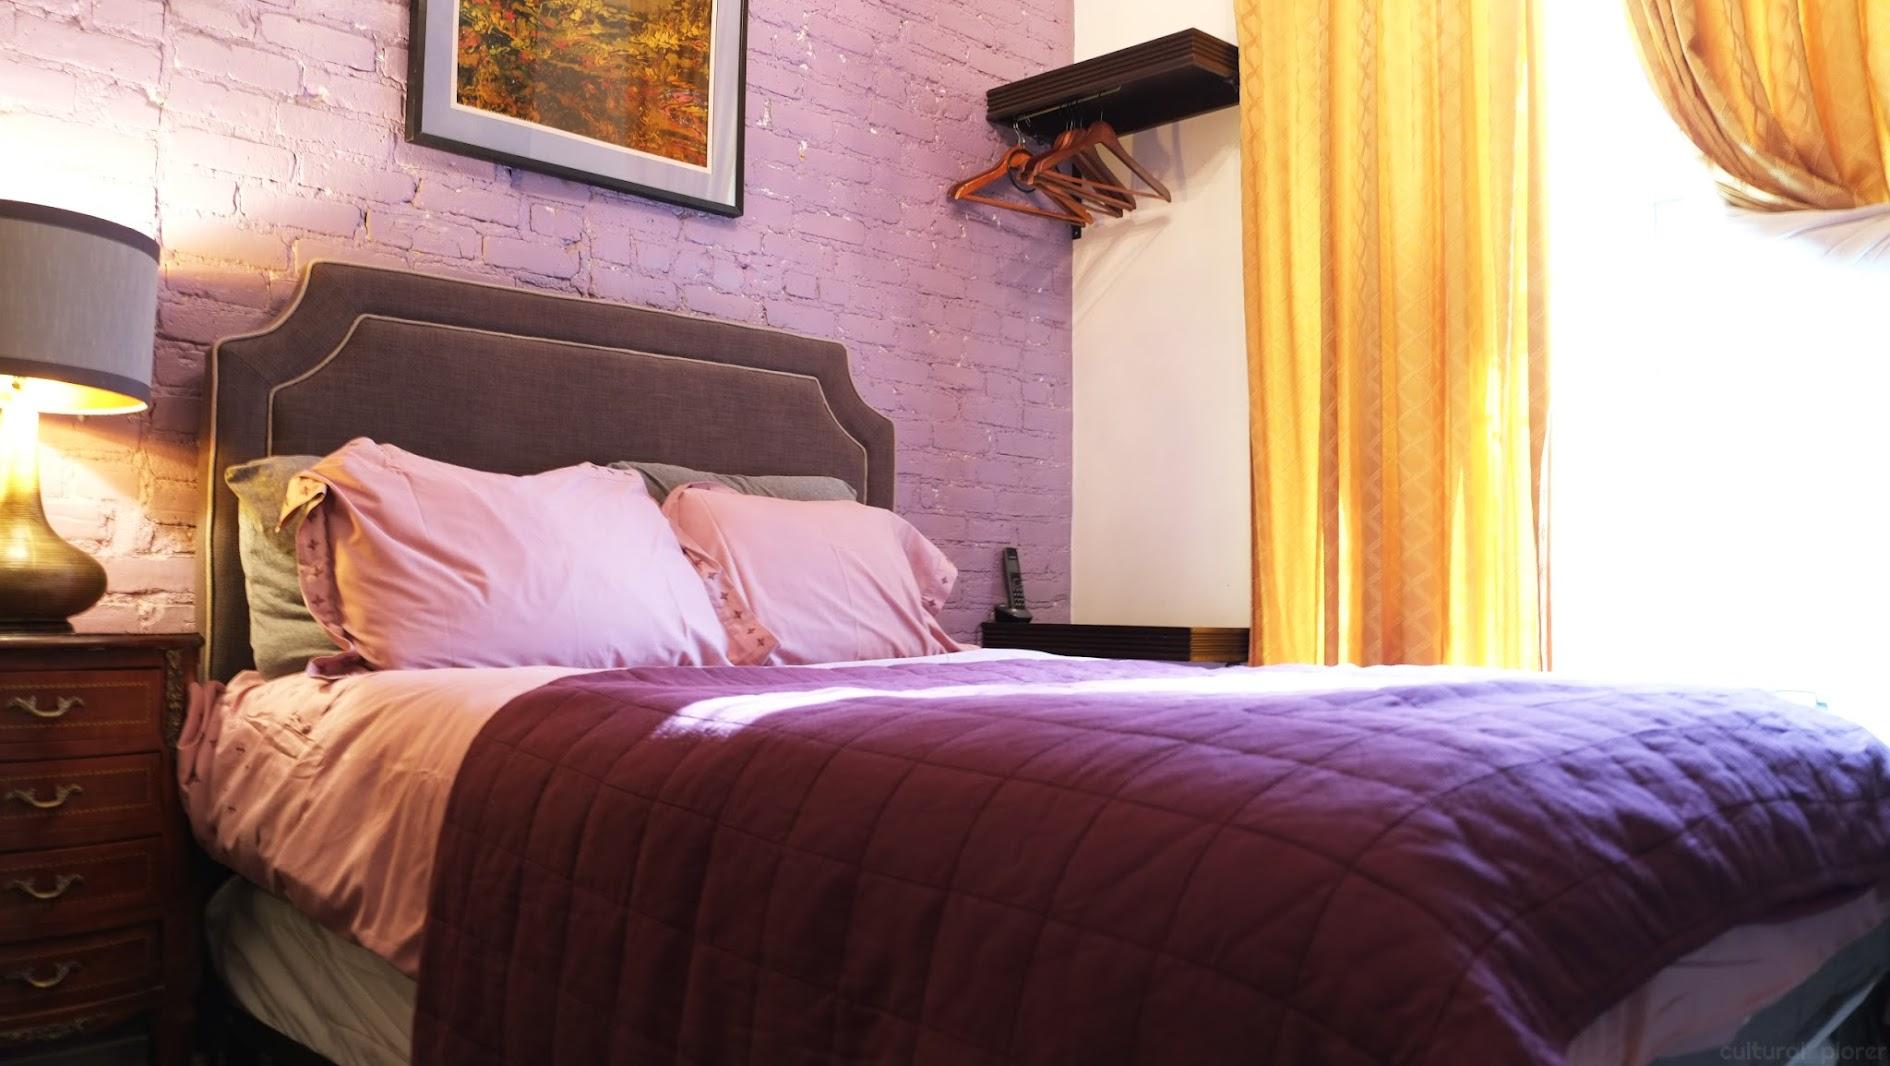 La Maison d'Art bed